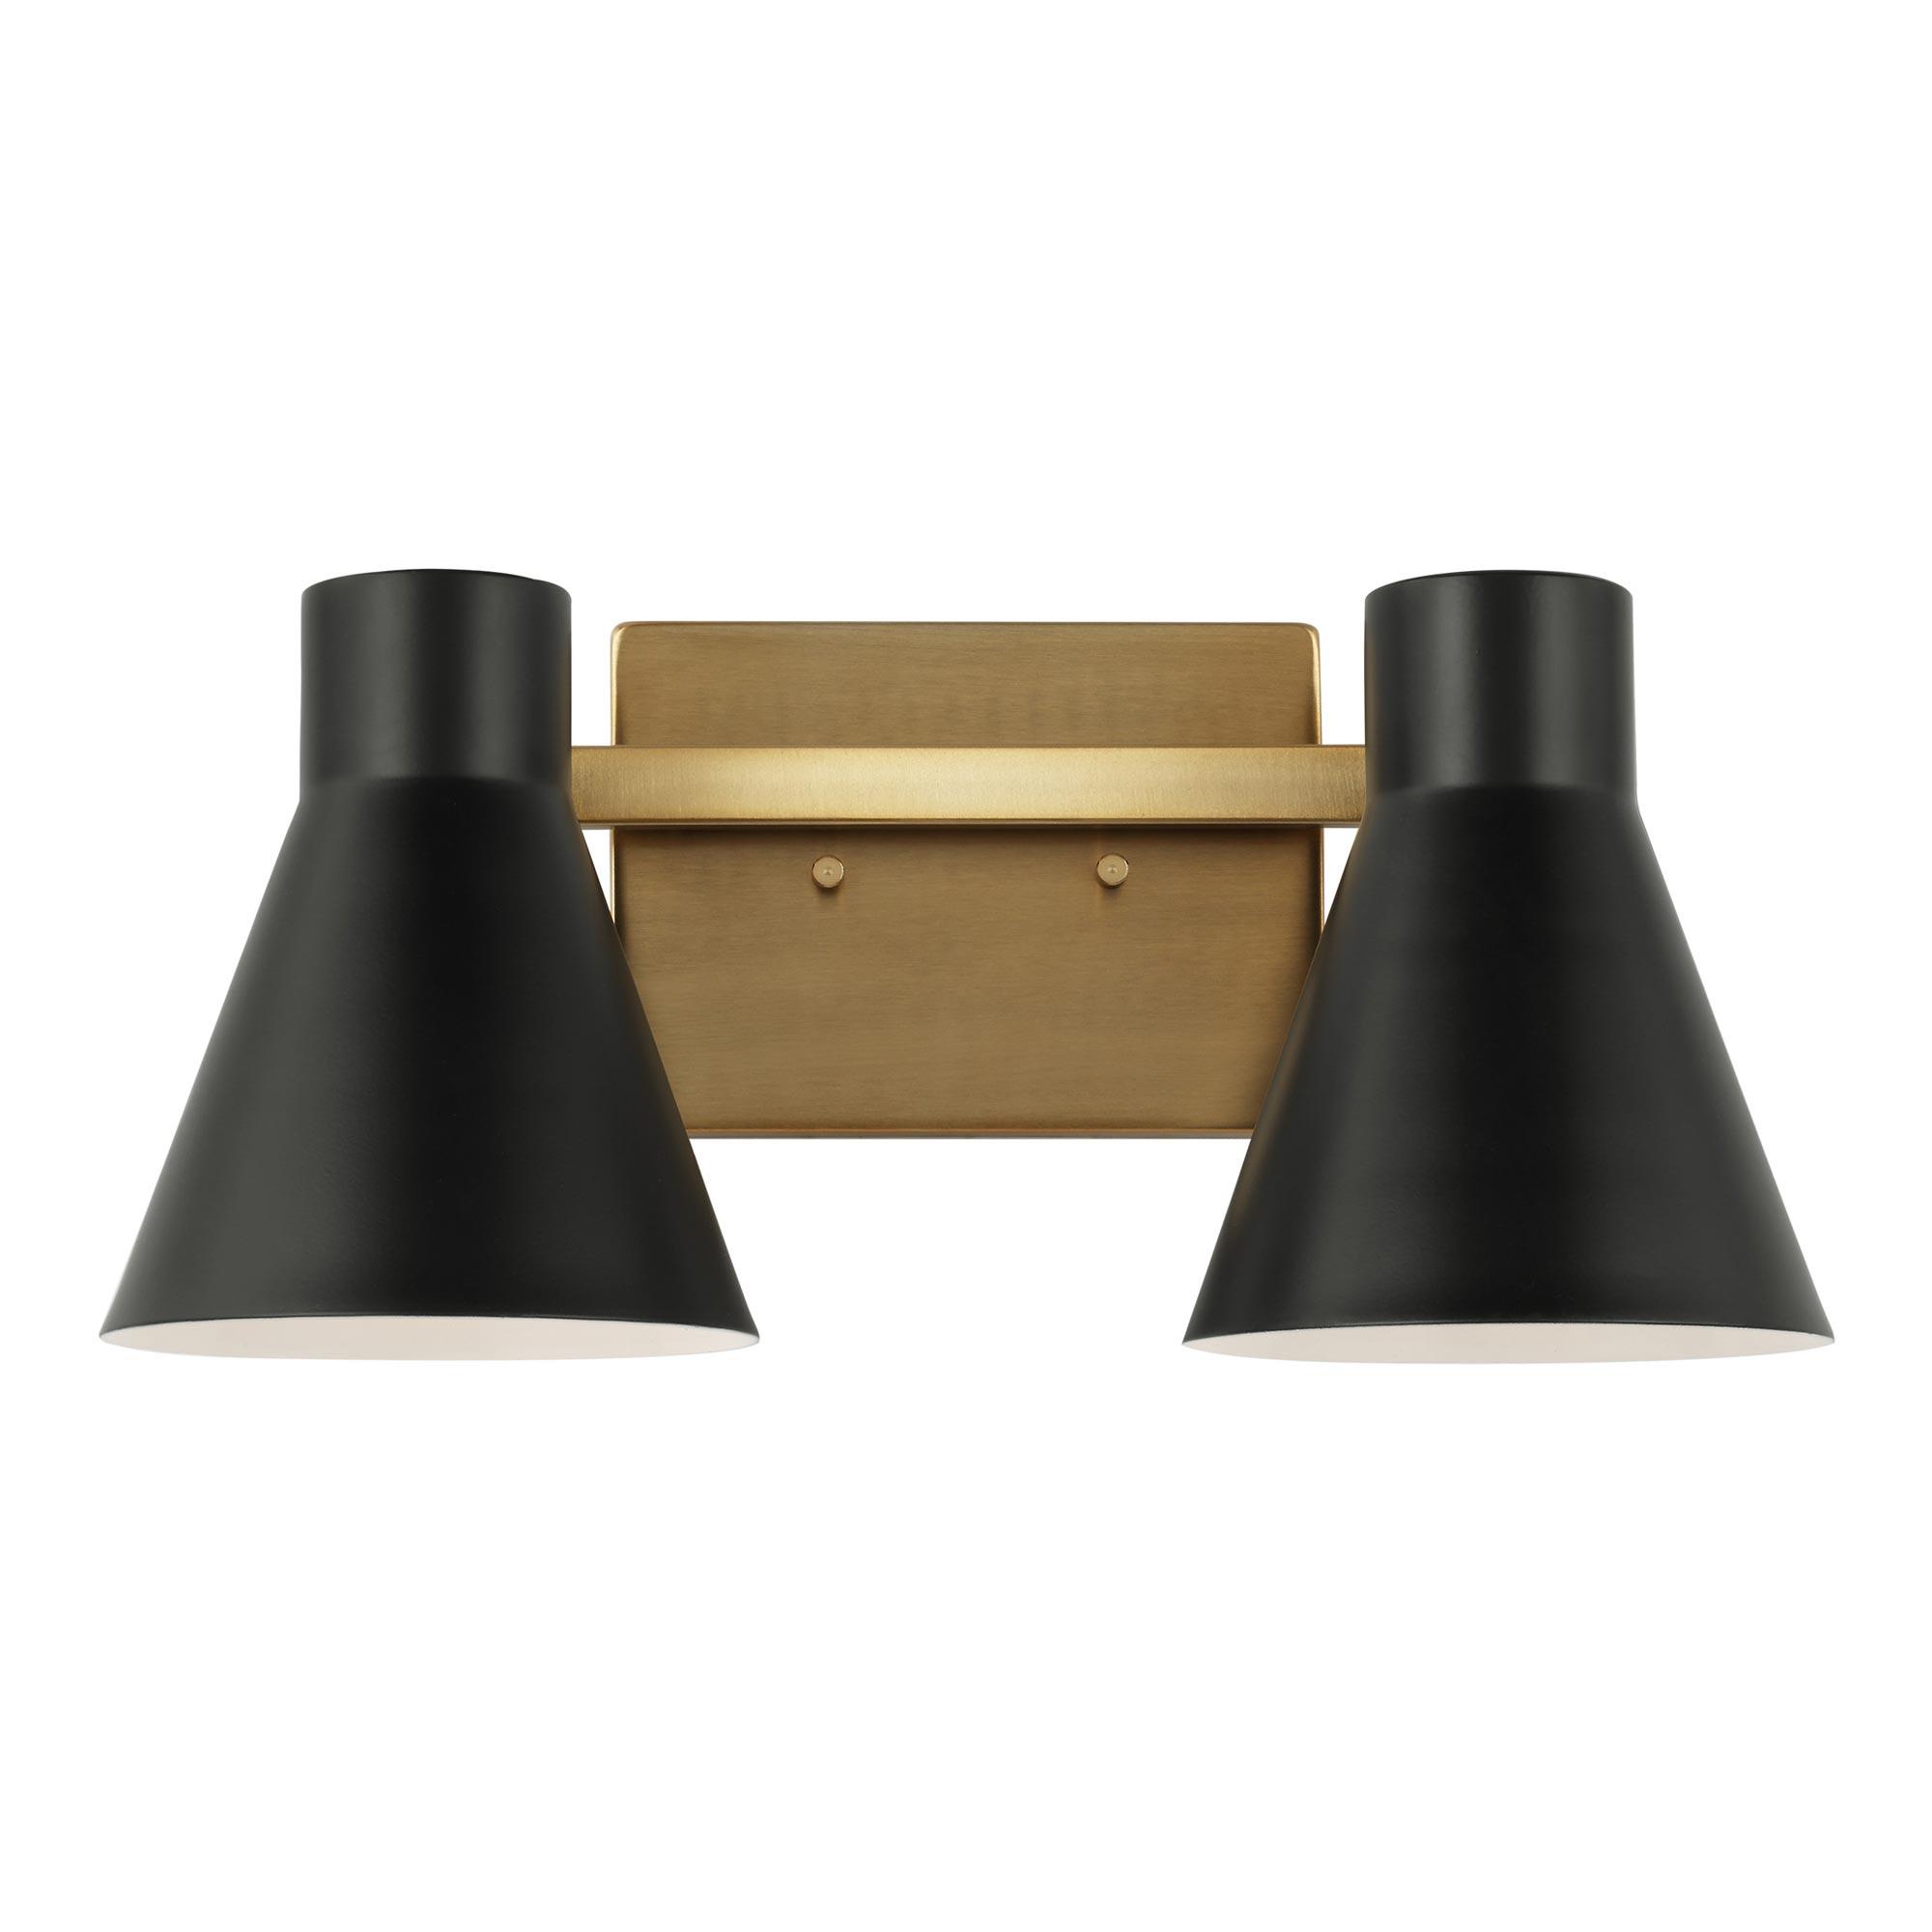 Towner Bathroom Vanity Light By Sea Gull Lighting 4441302 848